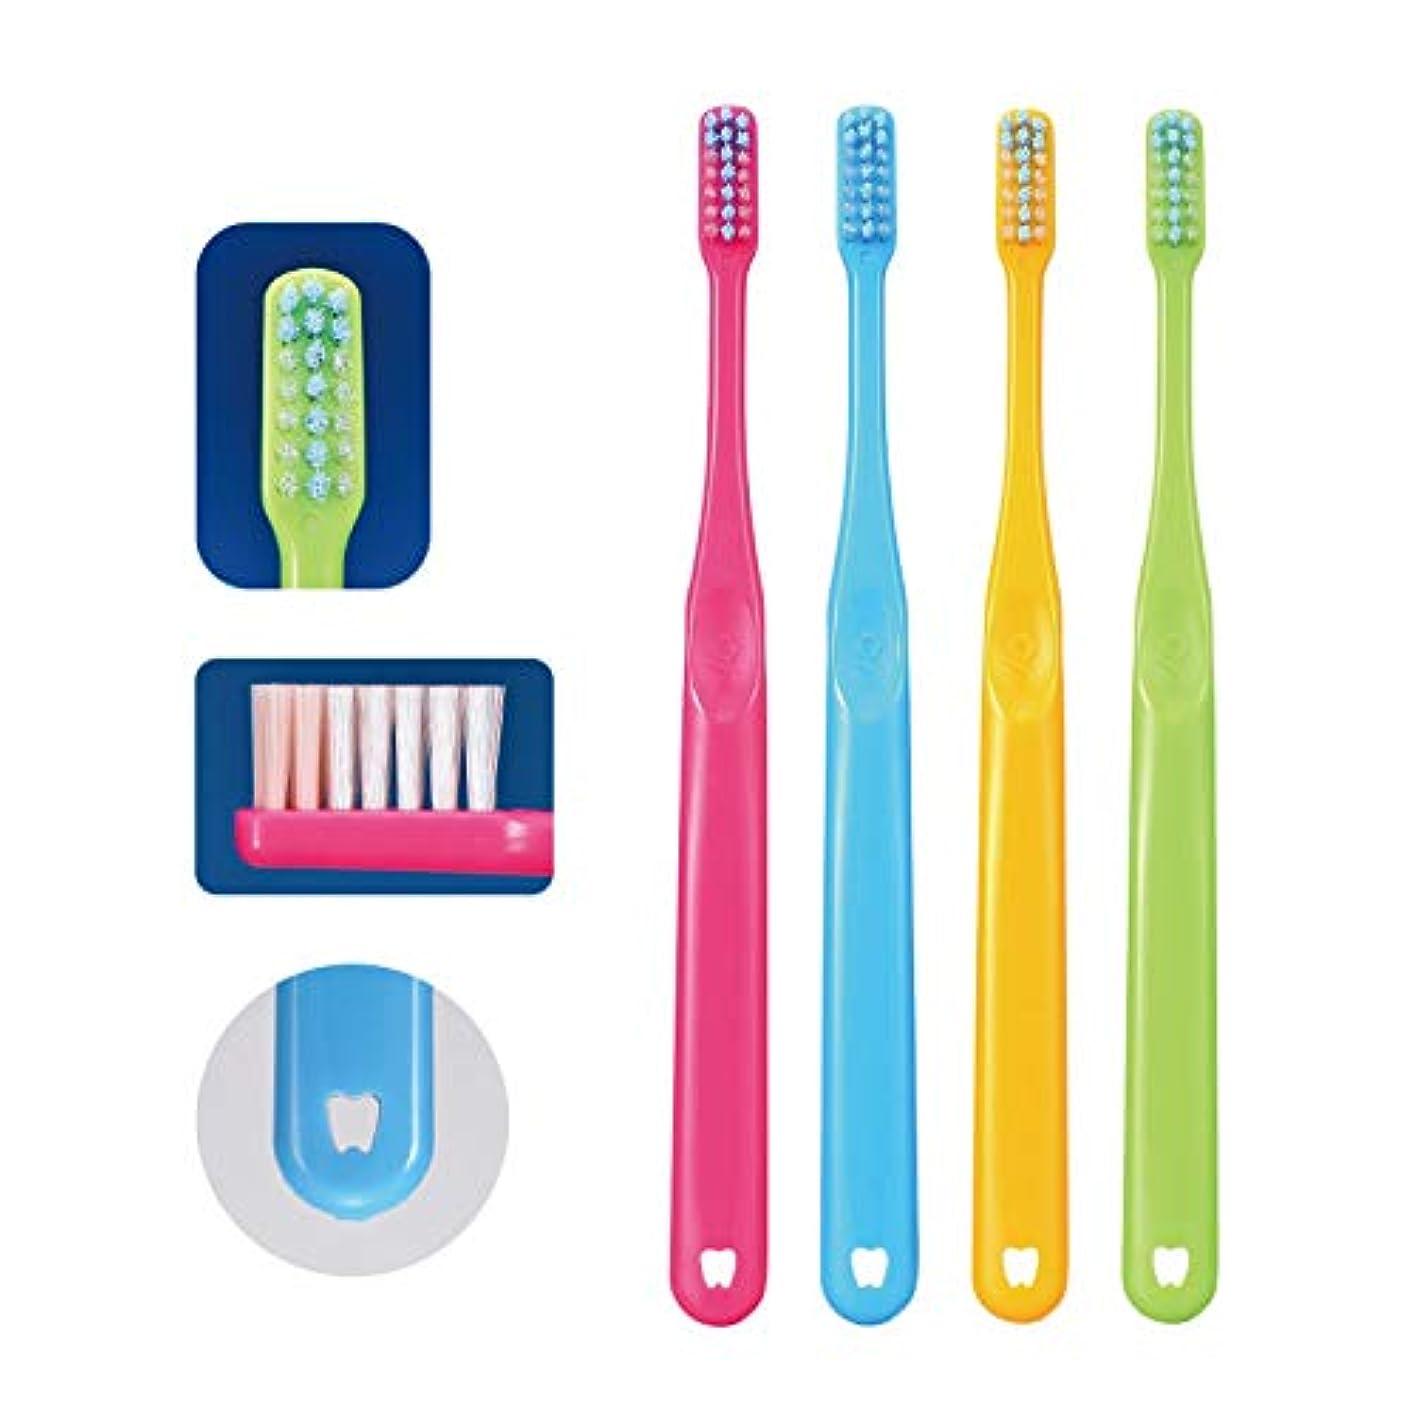 確かなスチュアート島に同意するCi PRO PLUS プロプラス 歯ブラシ 20本 S(やわらかめ) 日本製 プラーク除去 歯科専売品